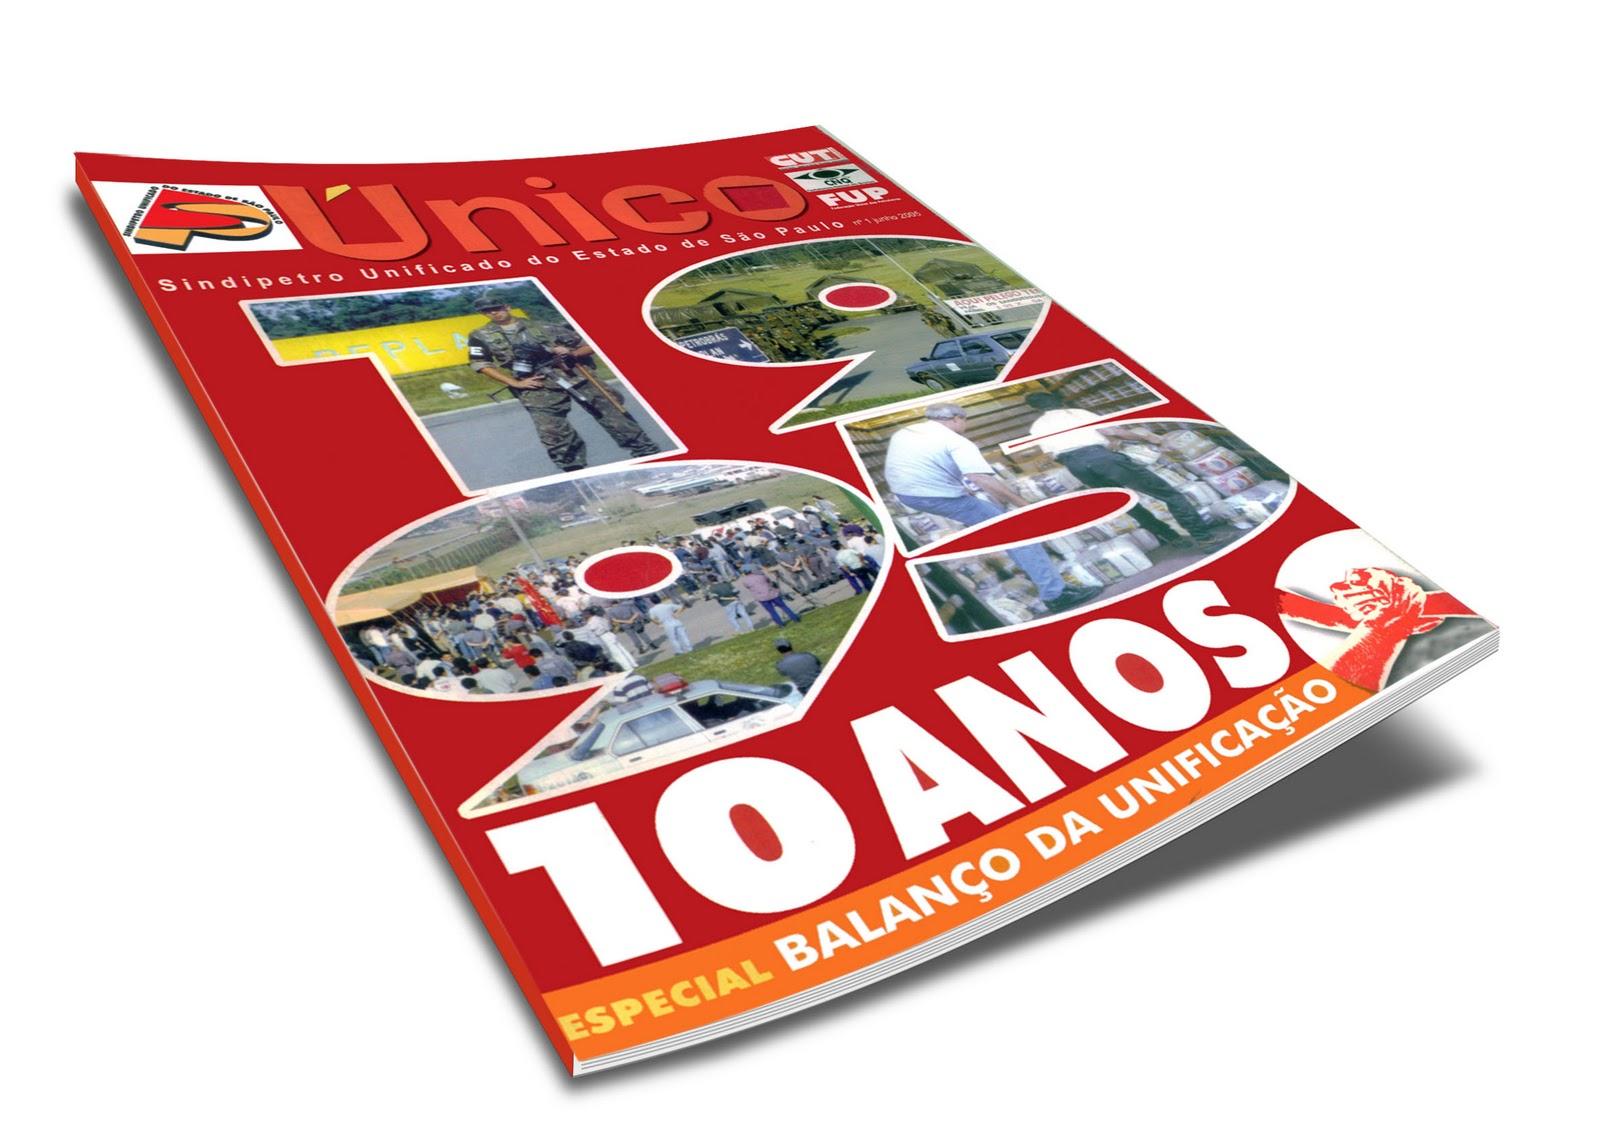 Revista comemorativa Sindipetro-SP